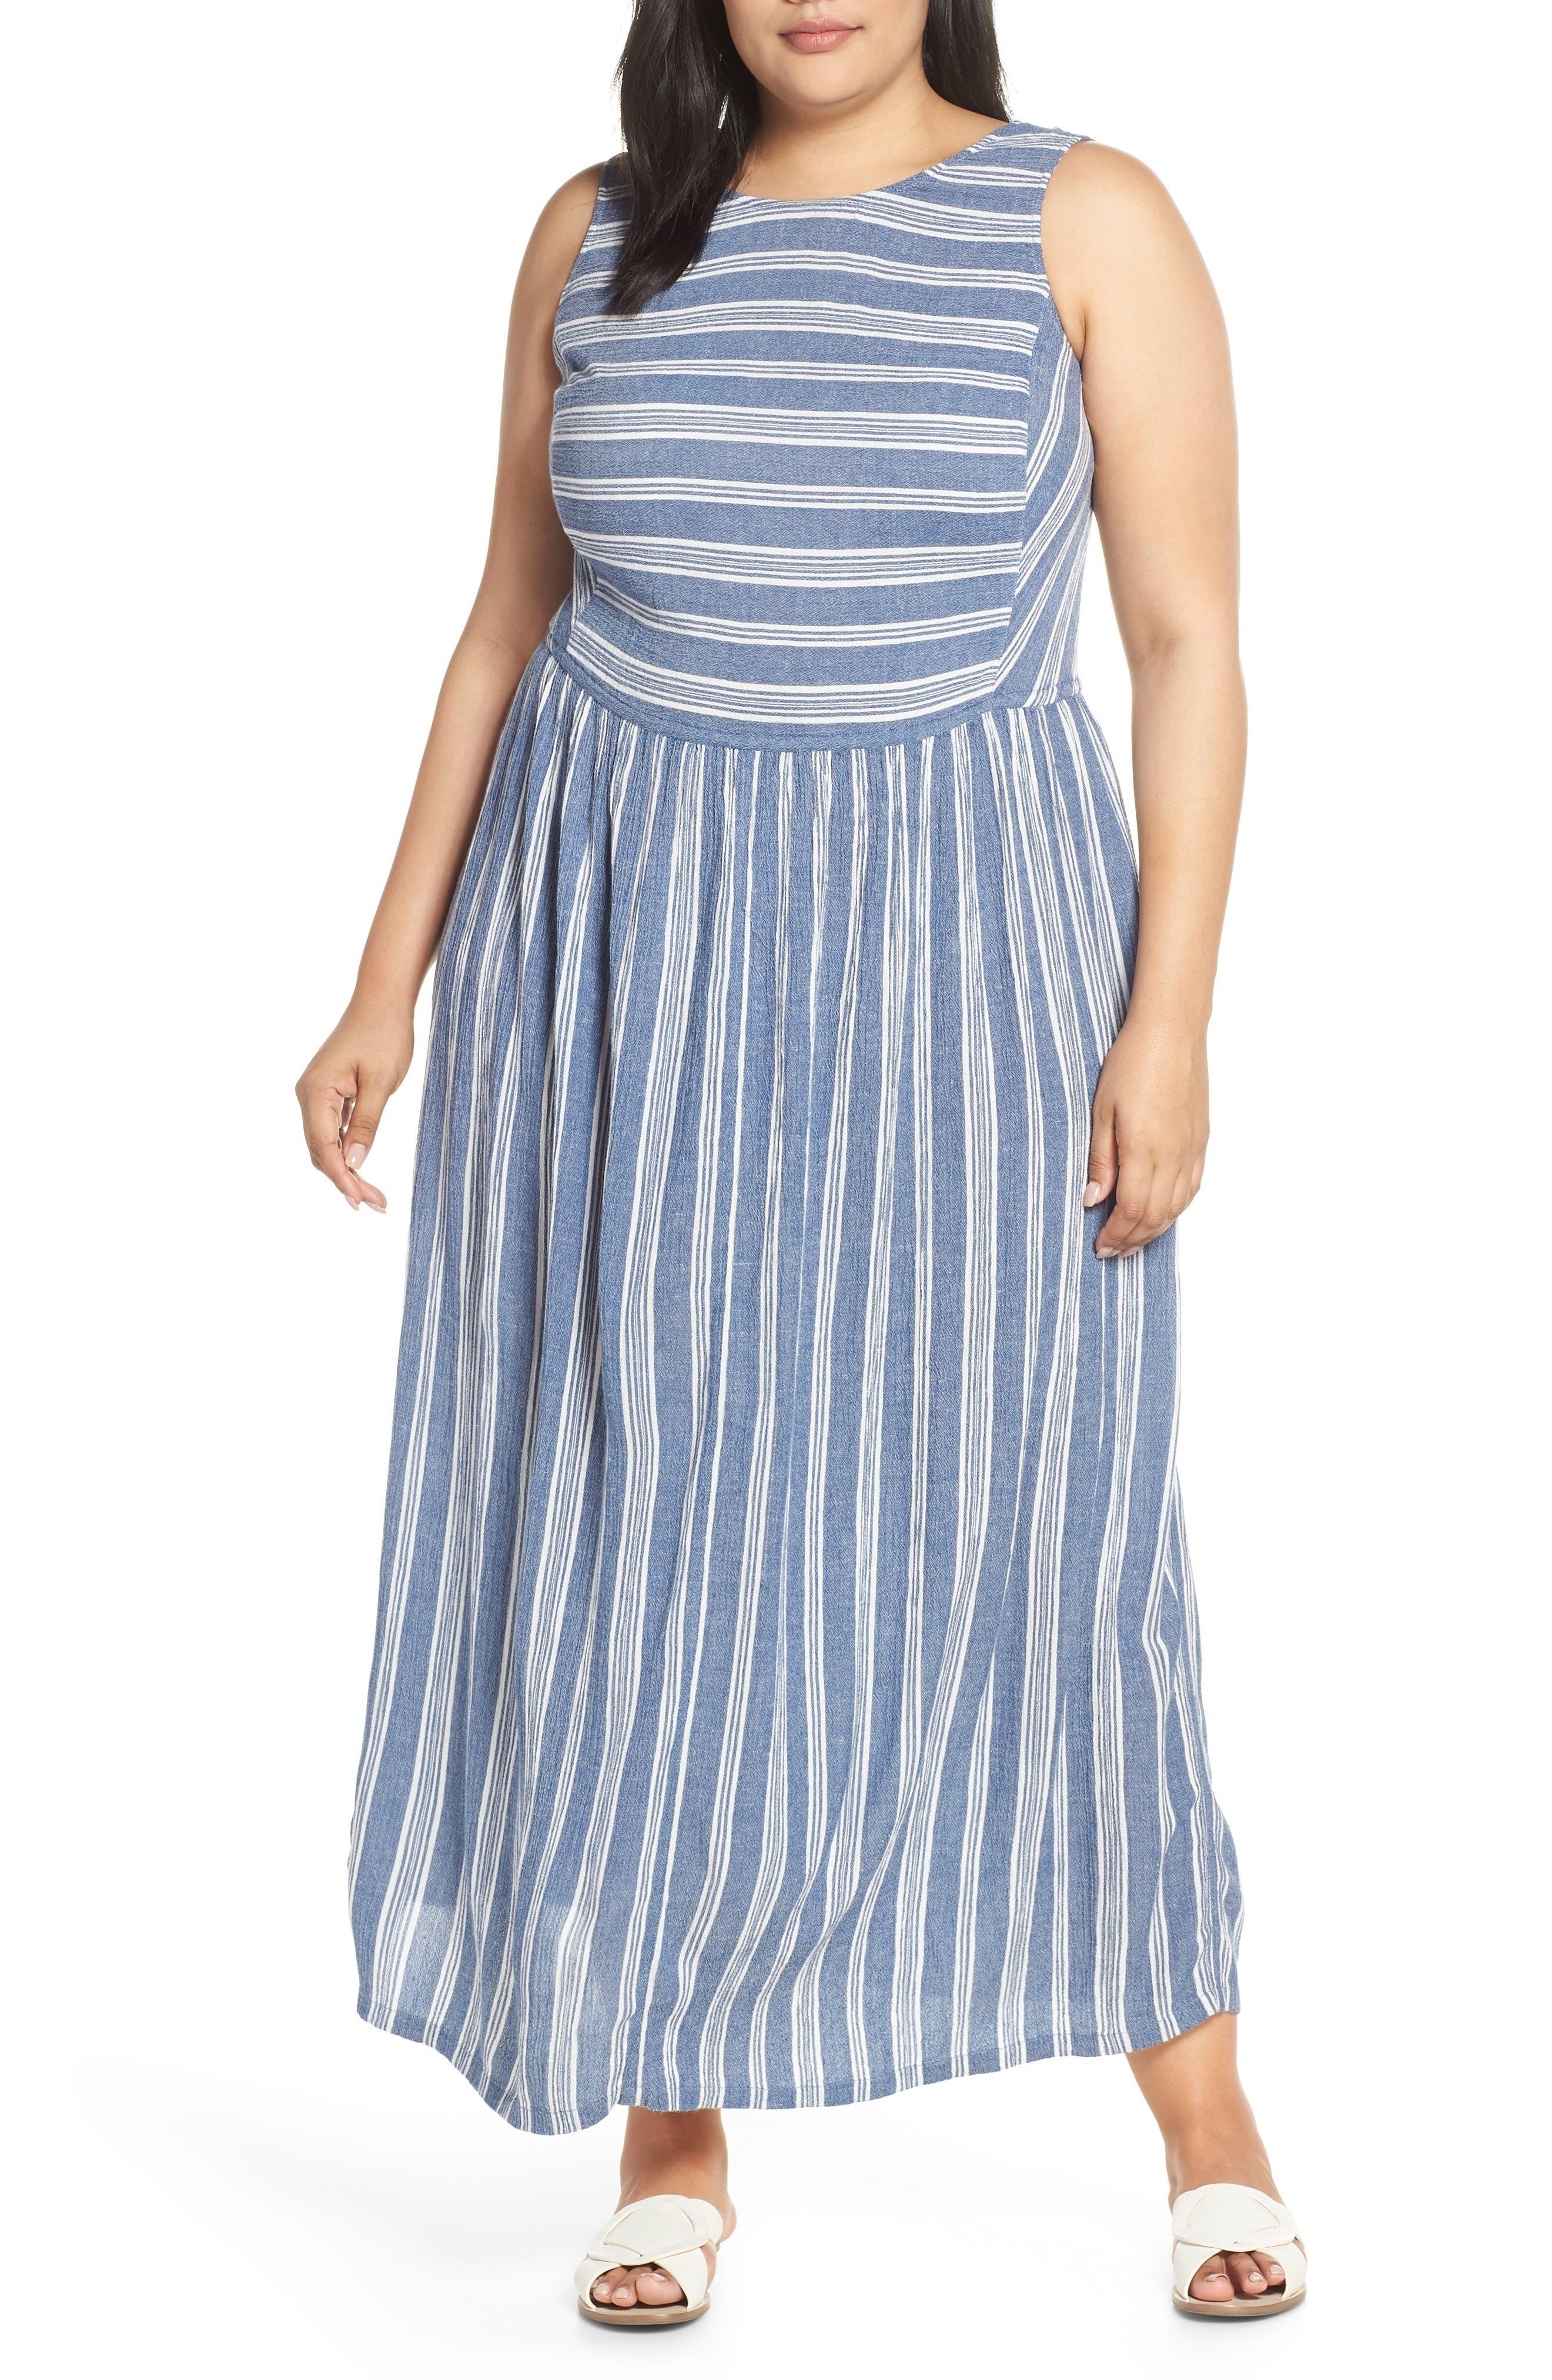 Plus Size Caslon Smocked Cotton Maxi Dress, Blue